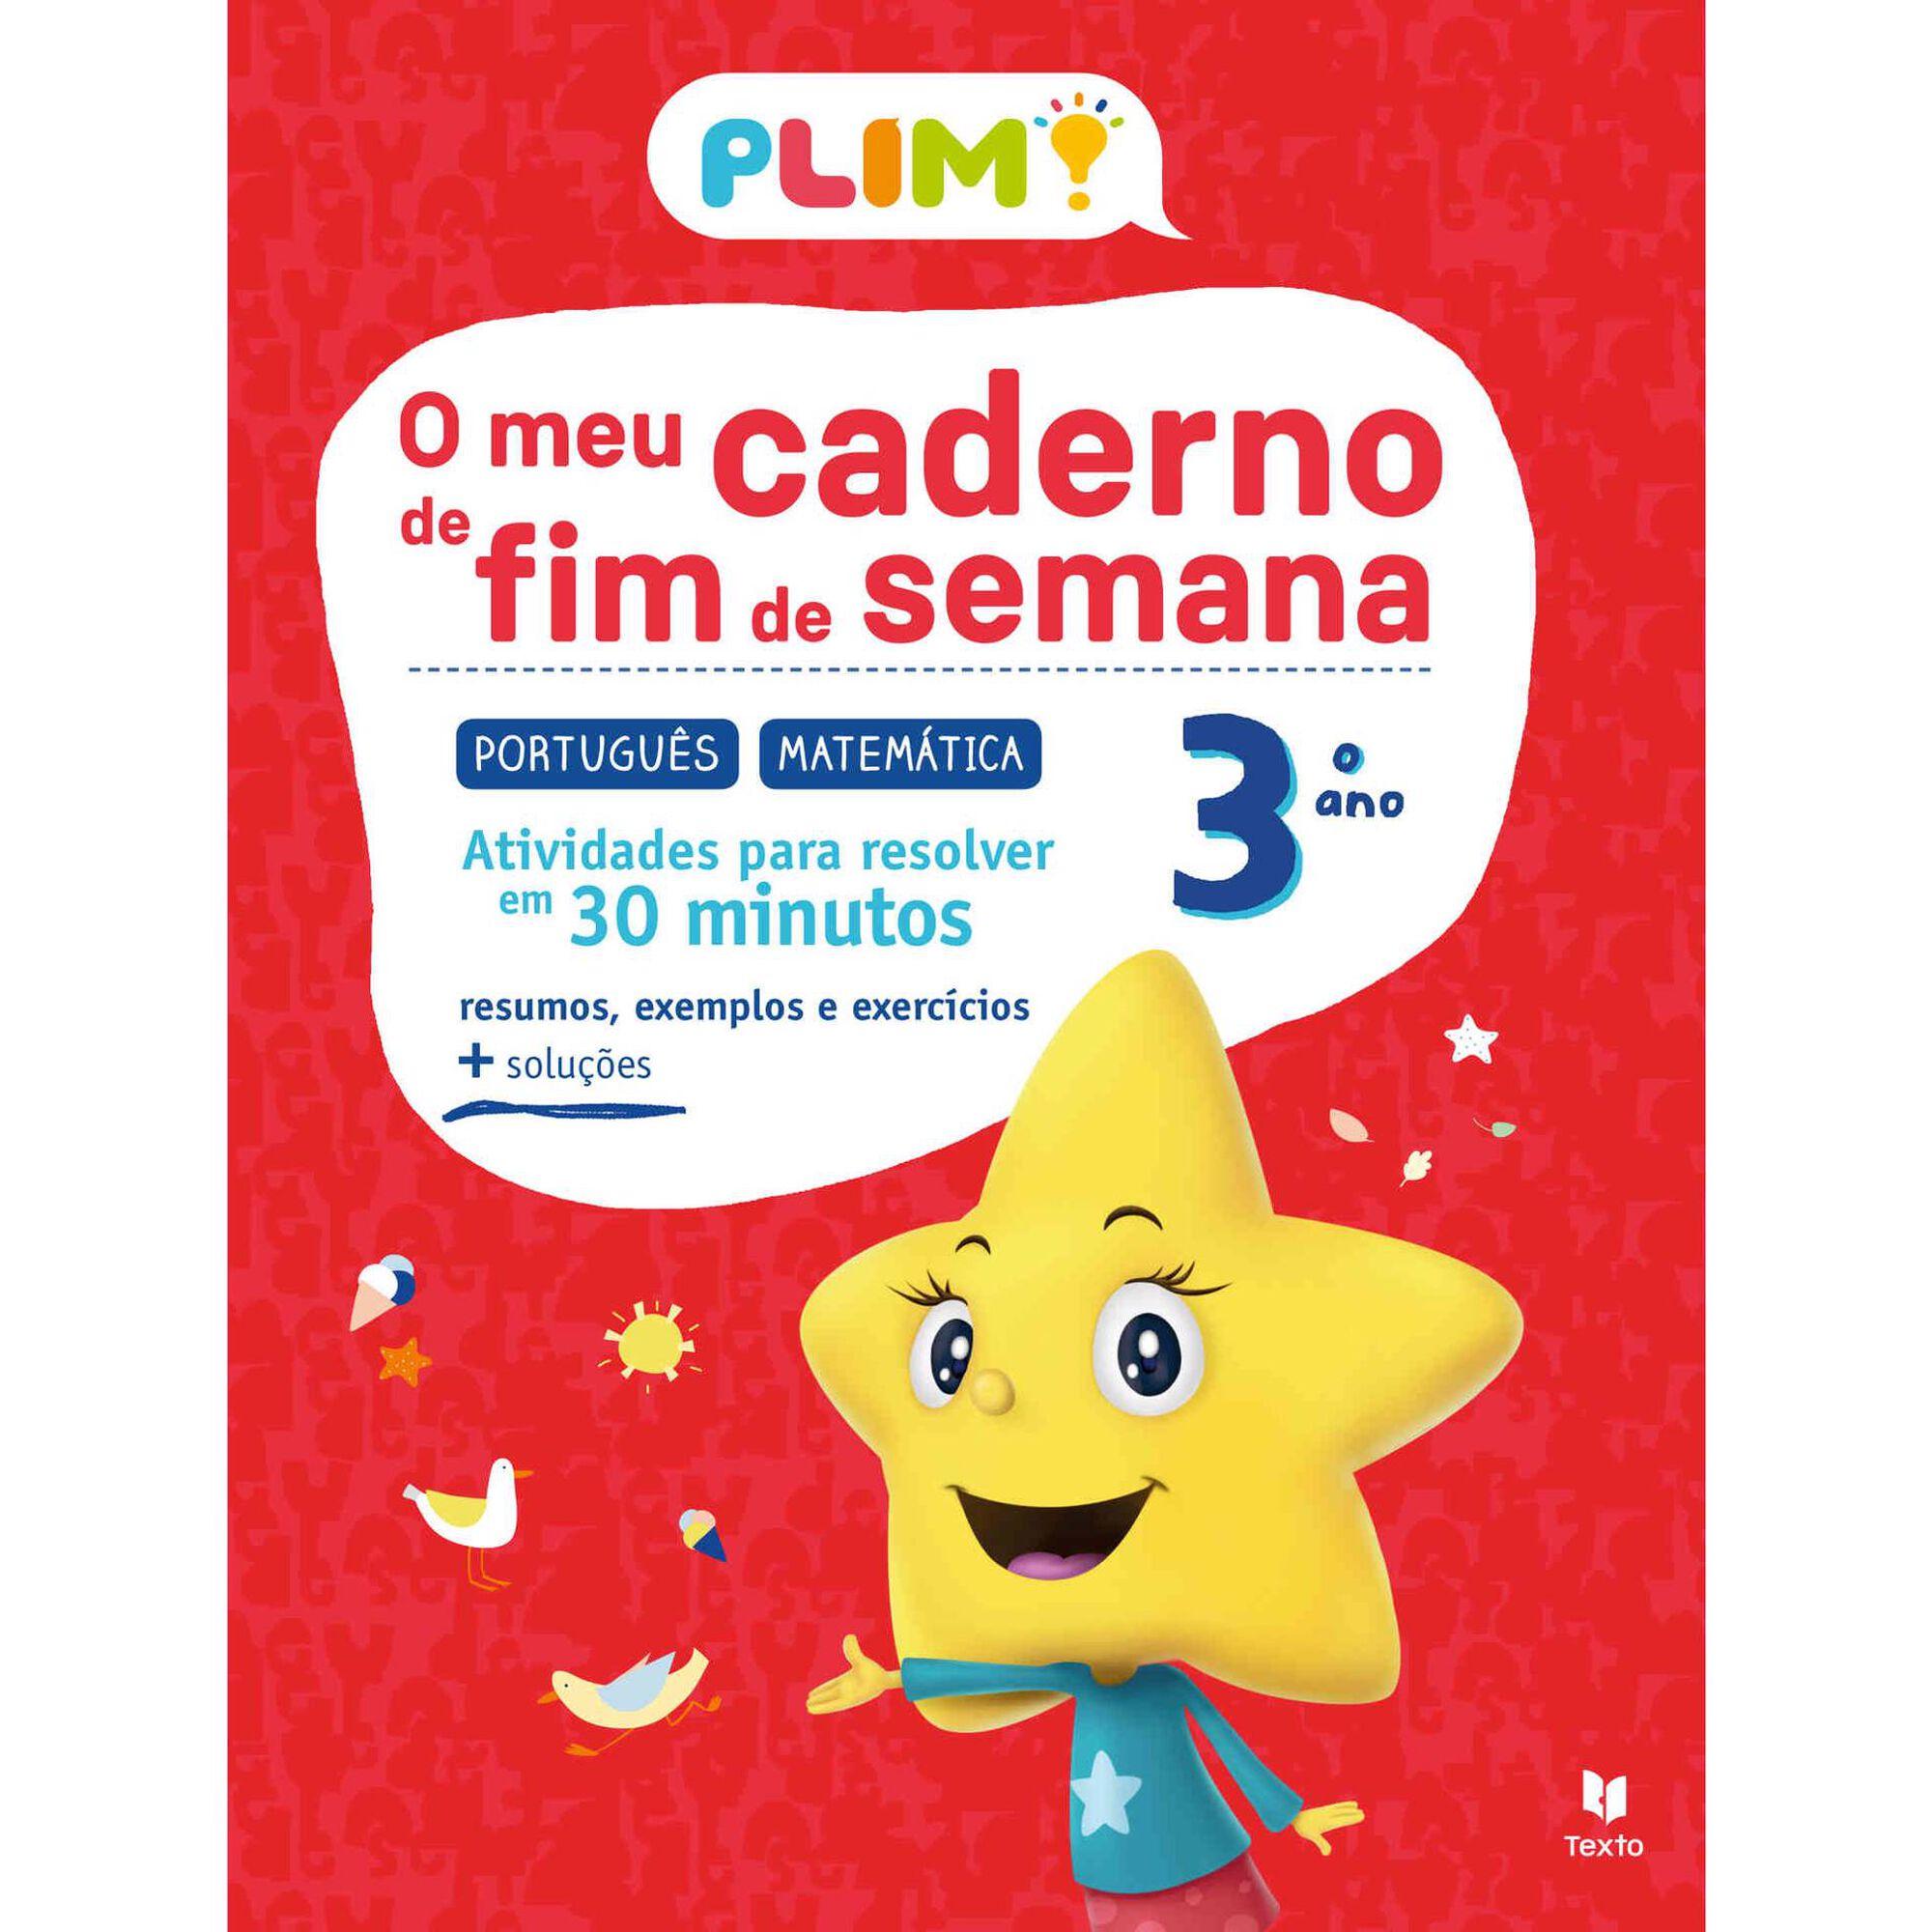 Plim! O Meu Caderno de Fim de Semana - Português e Matemática - 3º Ano